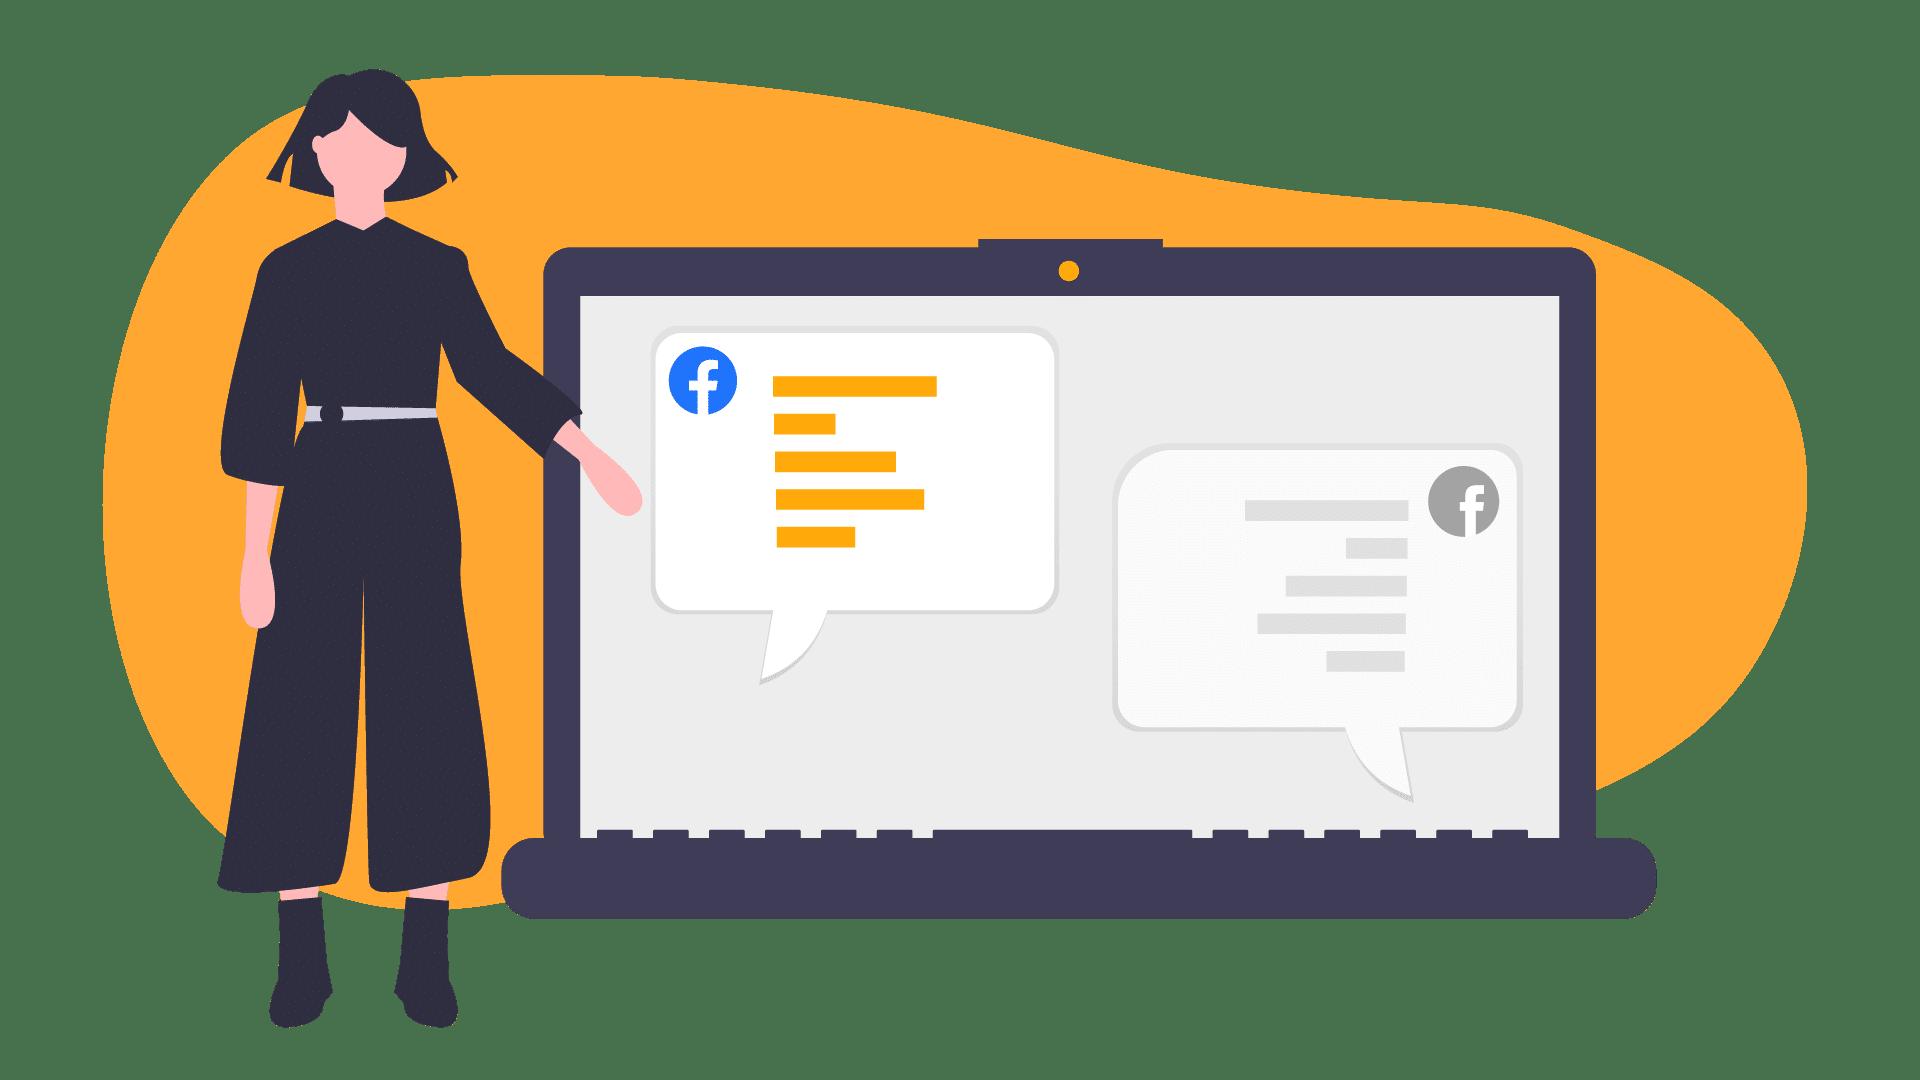 Les conversations Facebook au travail